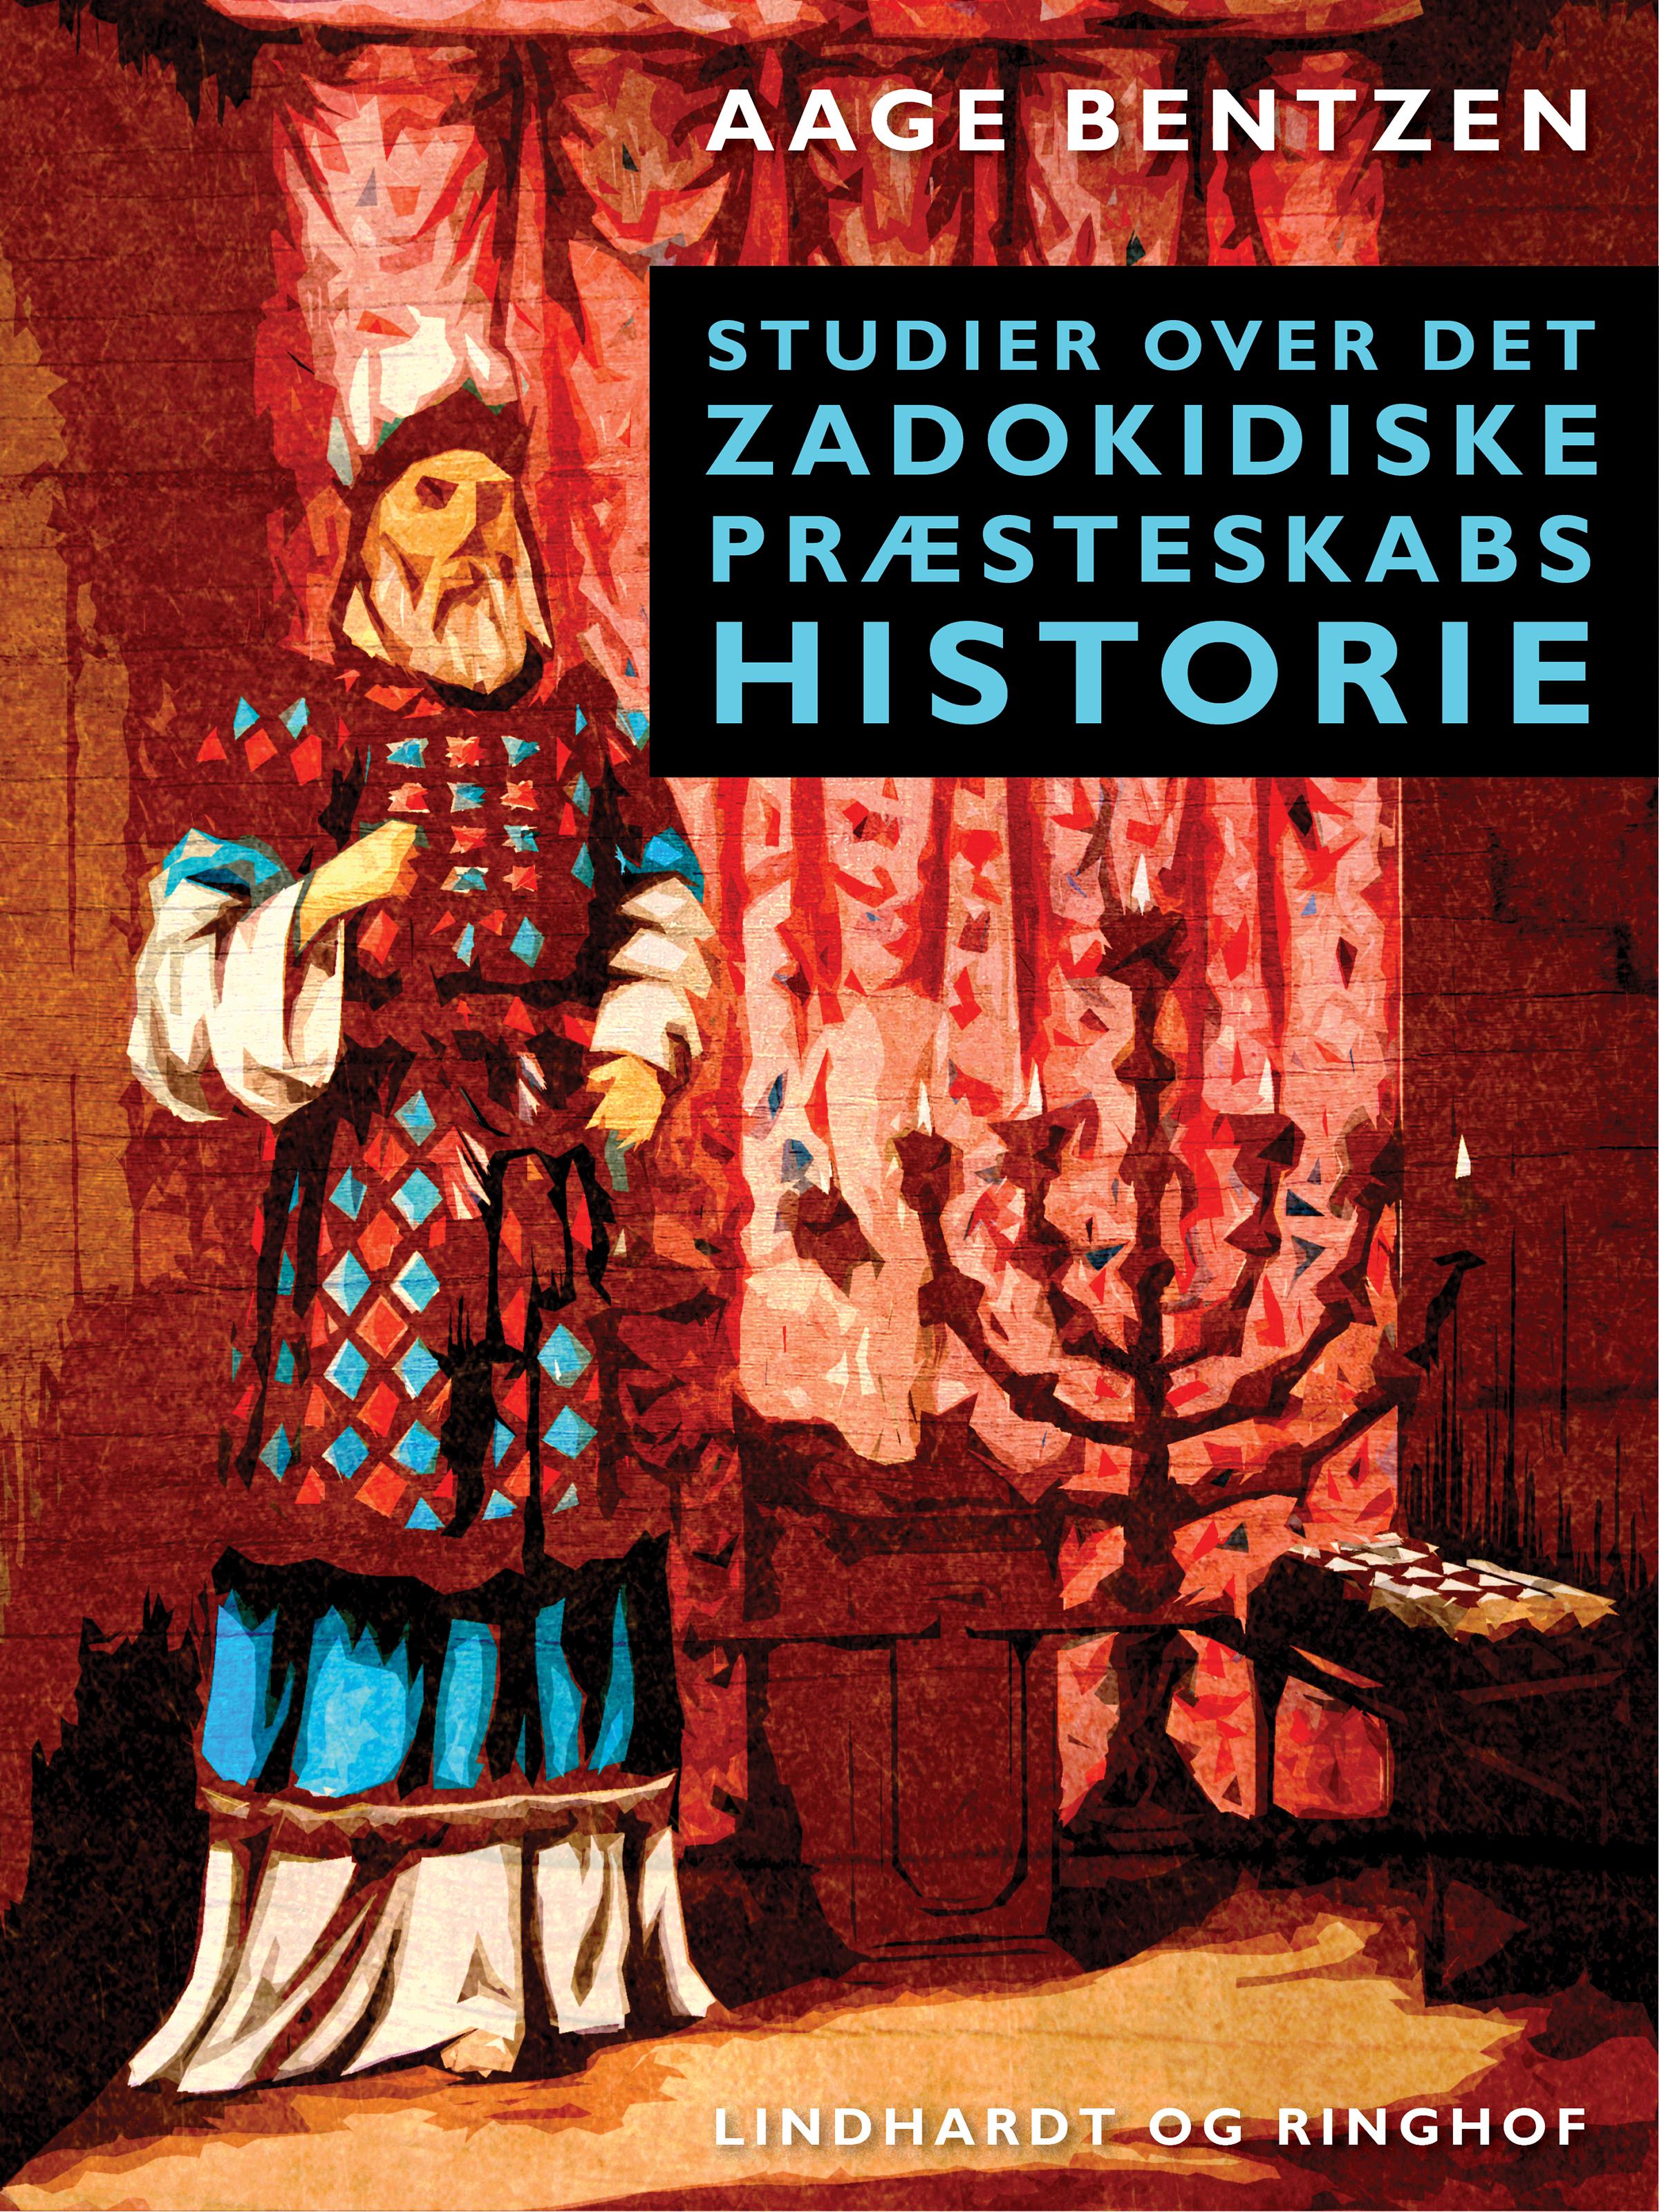 N/A – Studier over det zadokidiske præsteskabs historie - e-bog fra bog & mystik